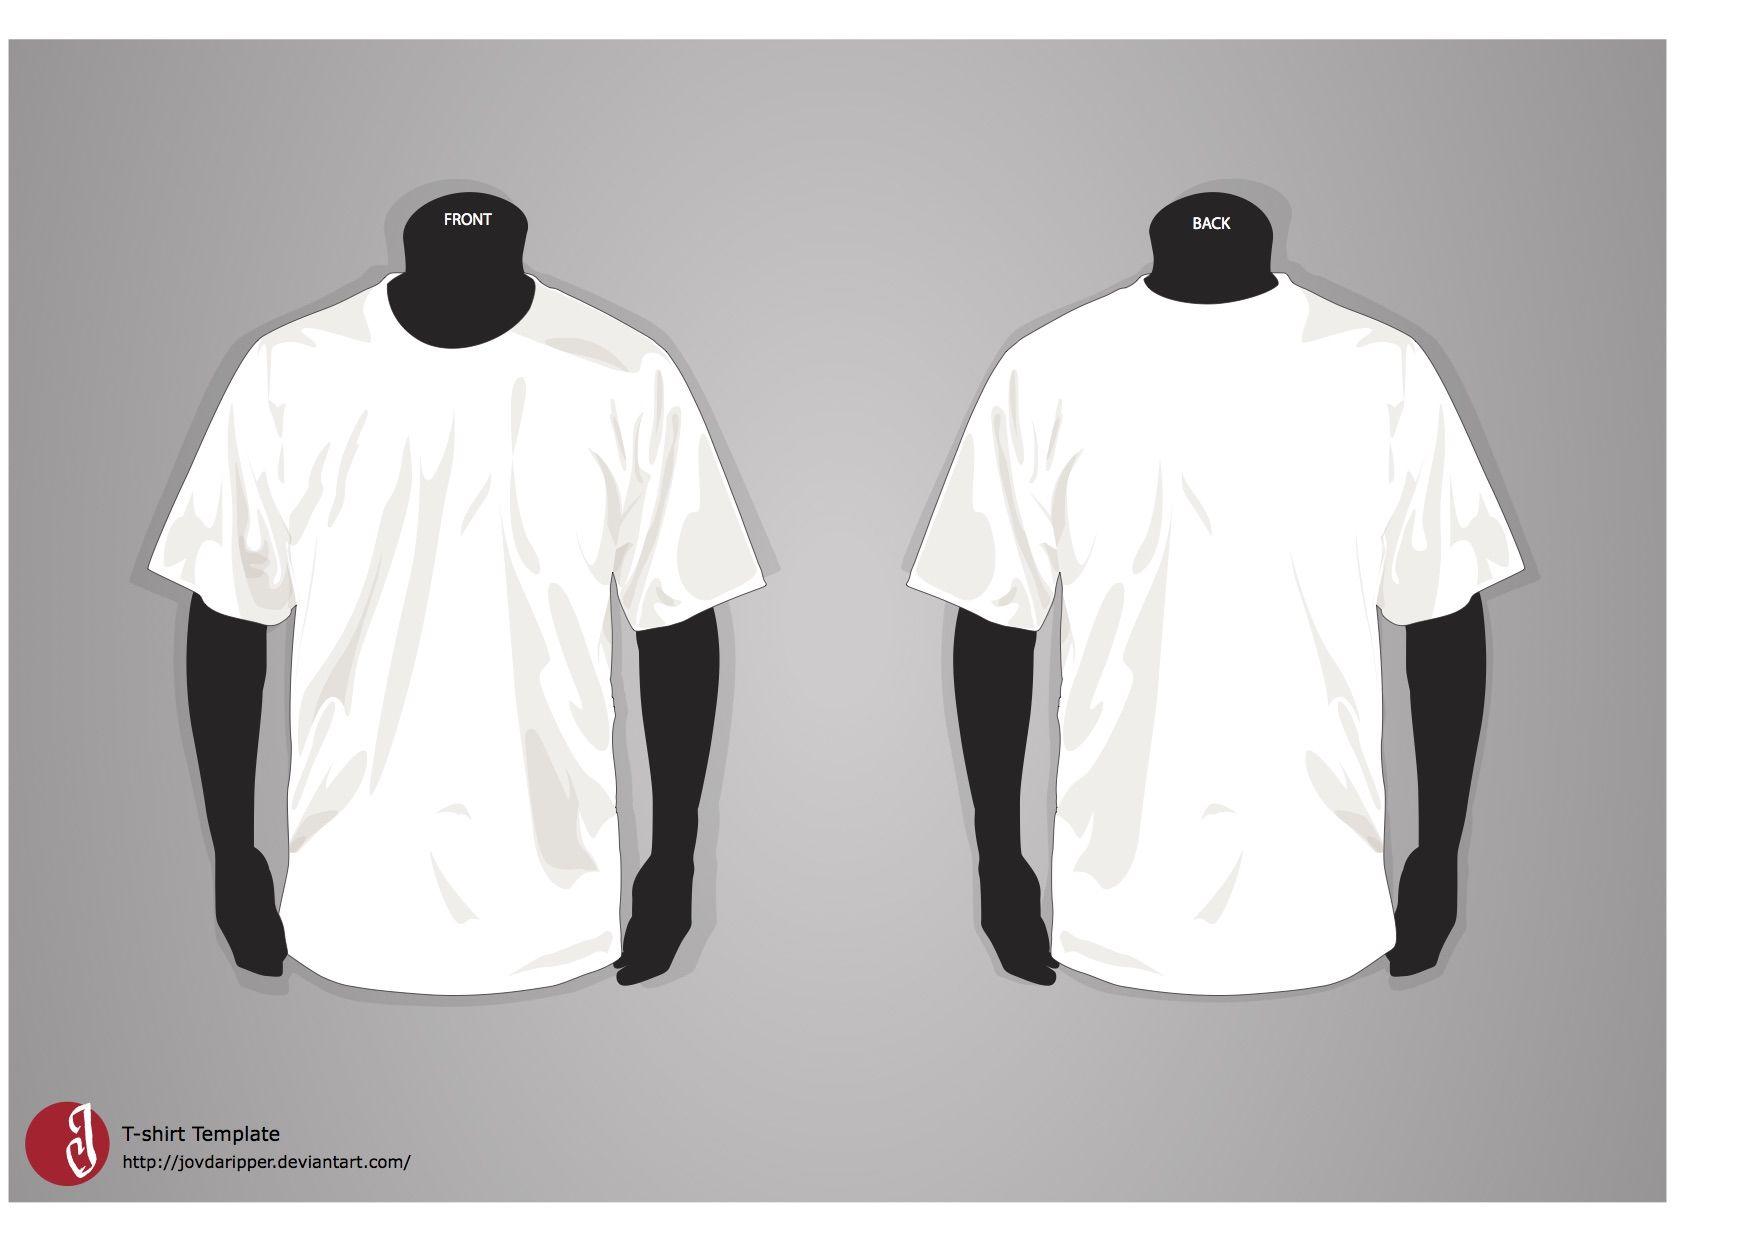 100 T Shirt Templates Vectors Psd Mockups Free Downloads Shirt Template T Shirt Design Template Fashion Design Template T shirt design template ai